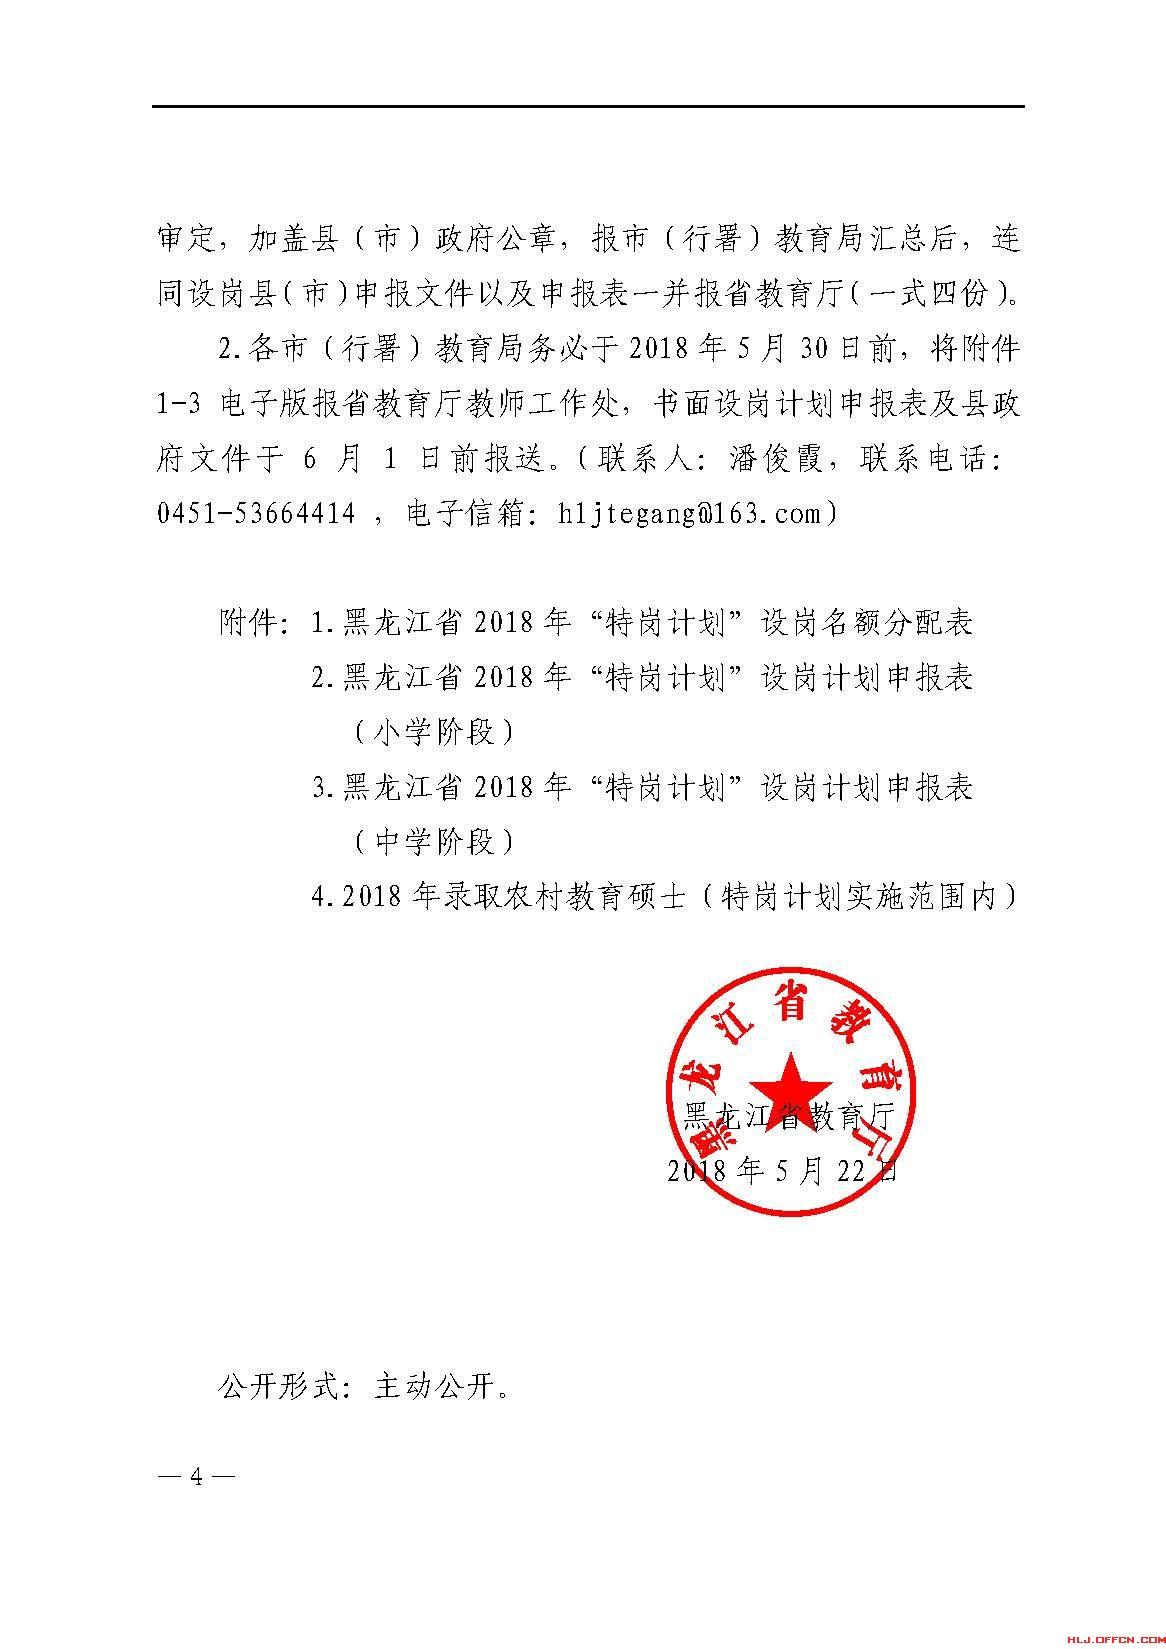 2020年黑龙江省教师招聘模拟练习浪漫主义时... _黑龙江华图教育